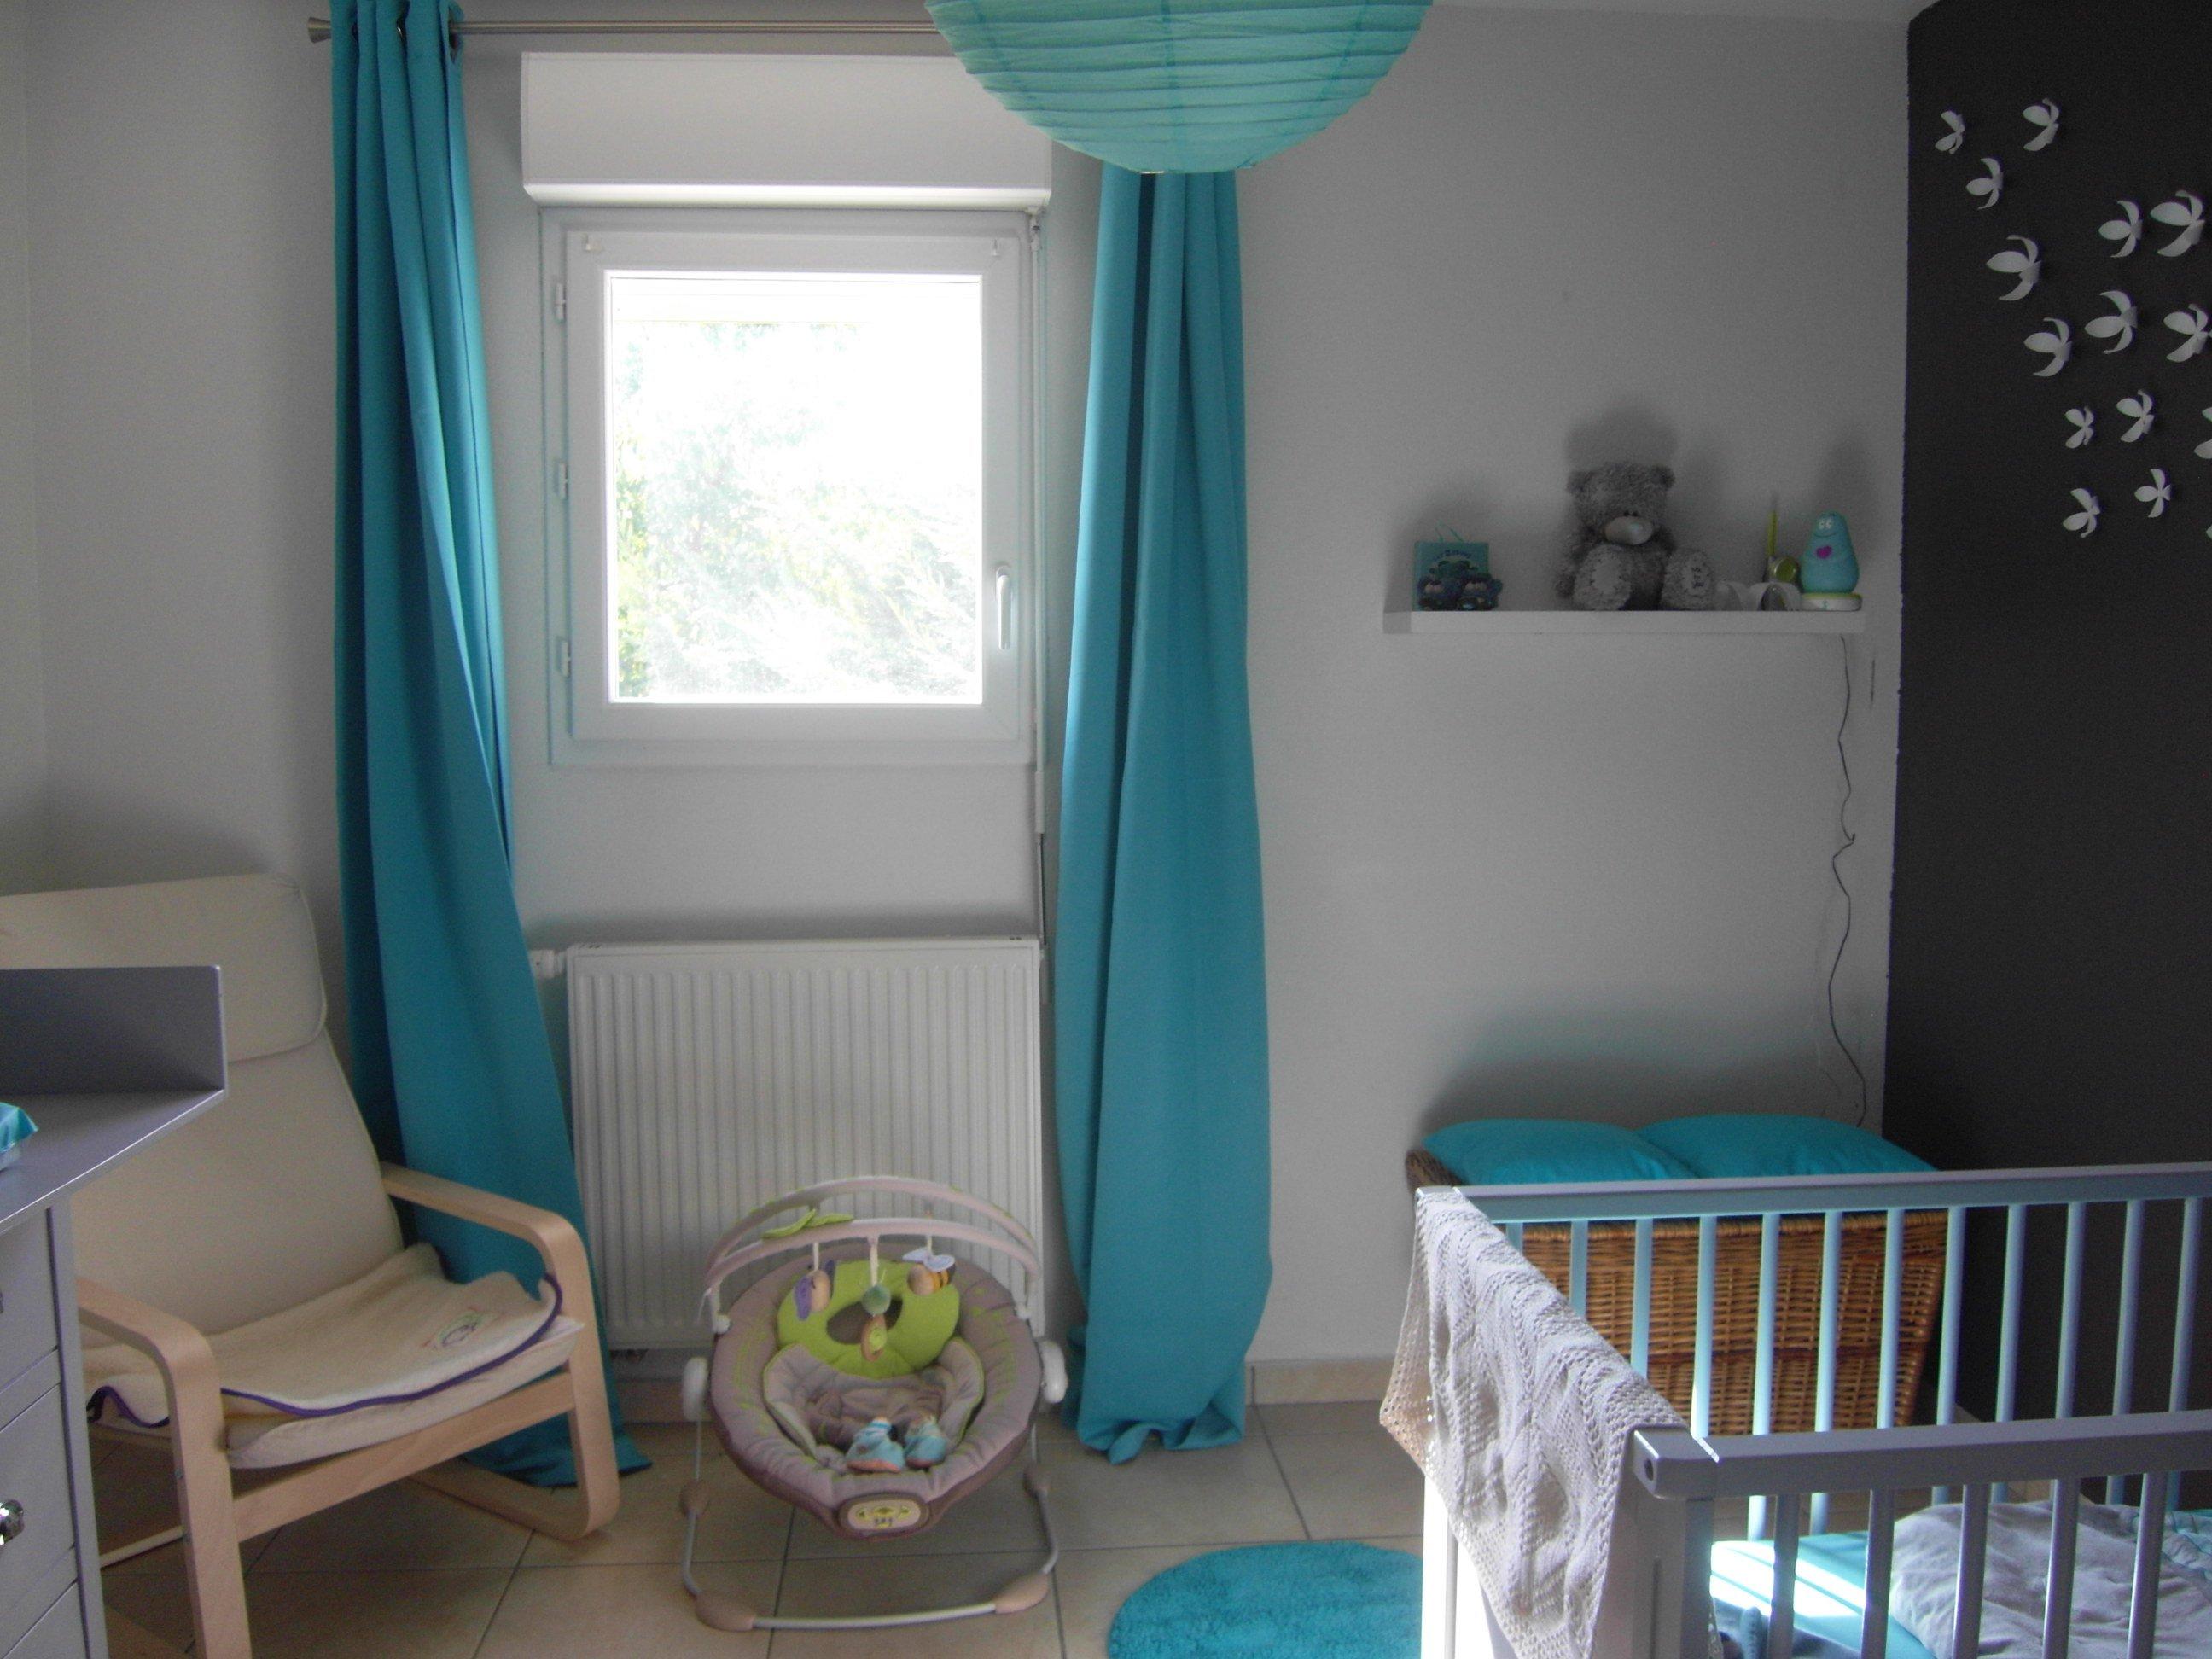 Chambre grise et turquoise pour mon petit gars - Chambre de bébé ...